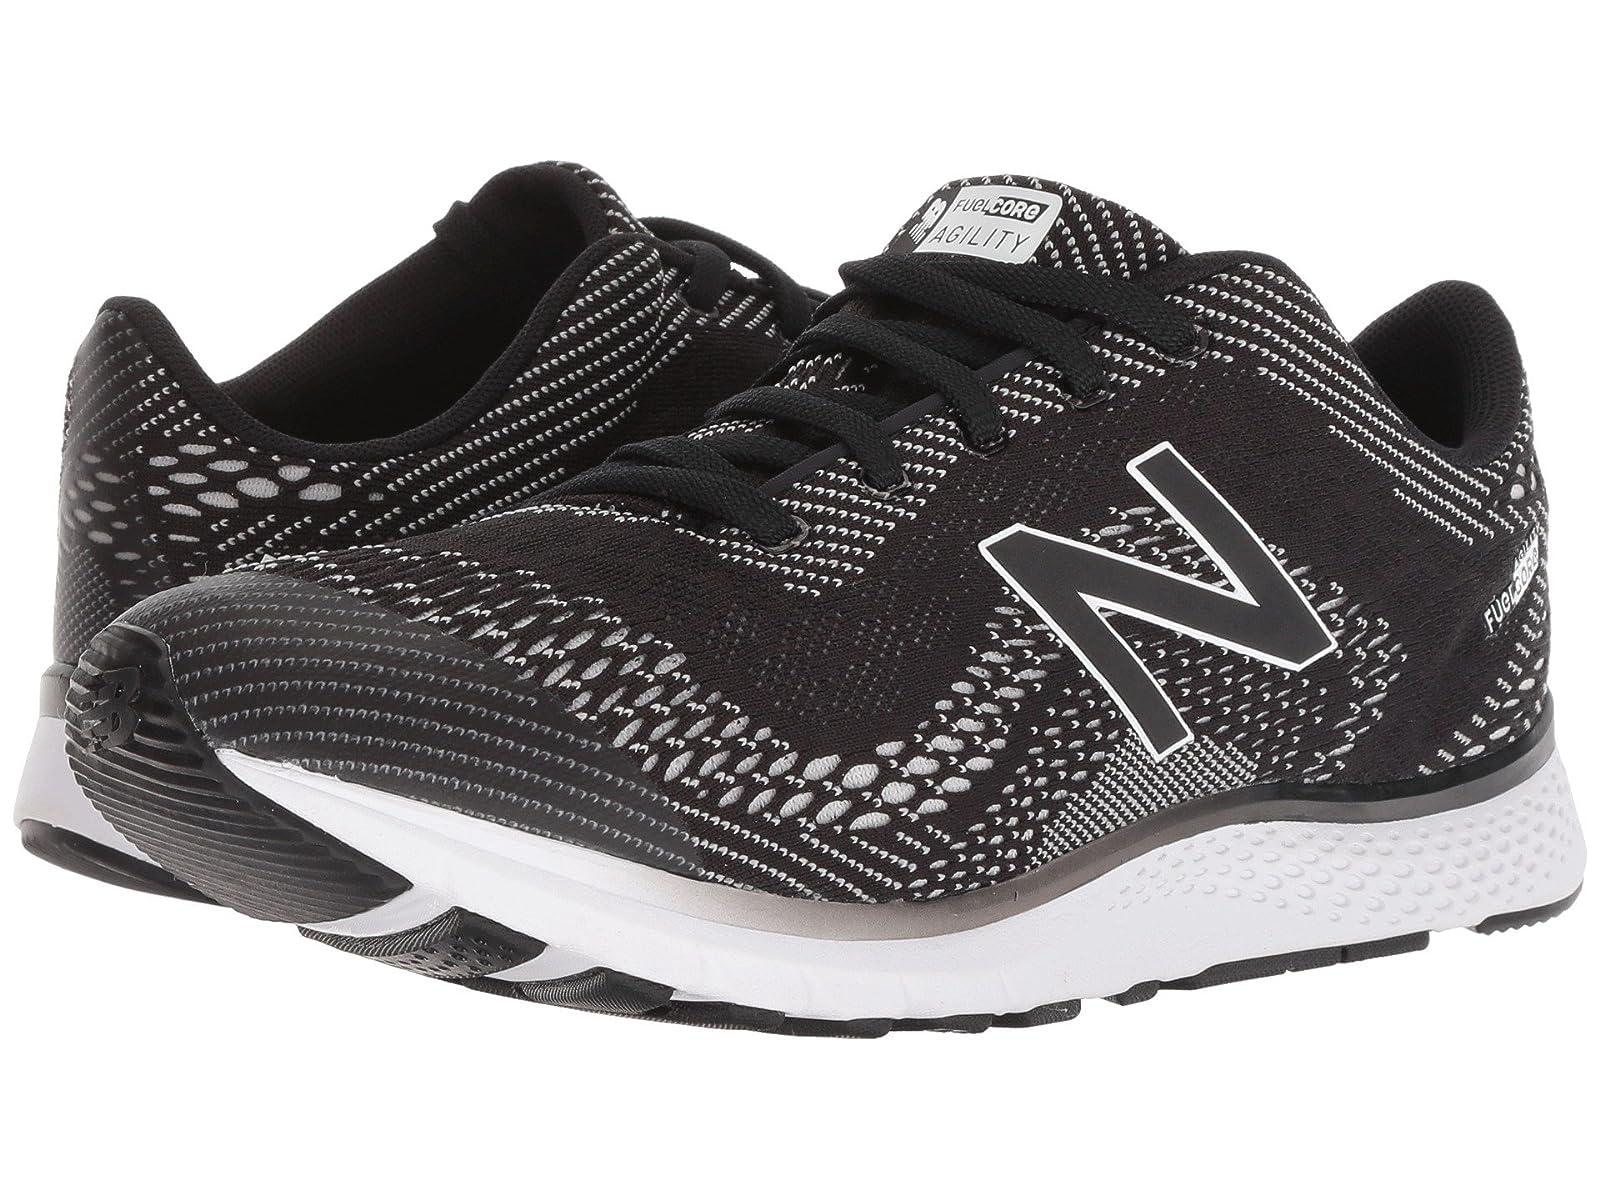 New Balance Agility v2 TrainingAtmospheric grades have affordable shoes